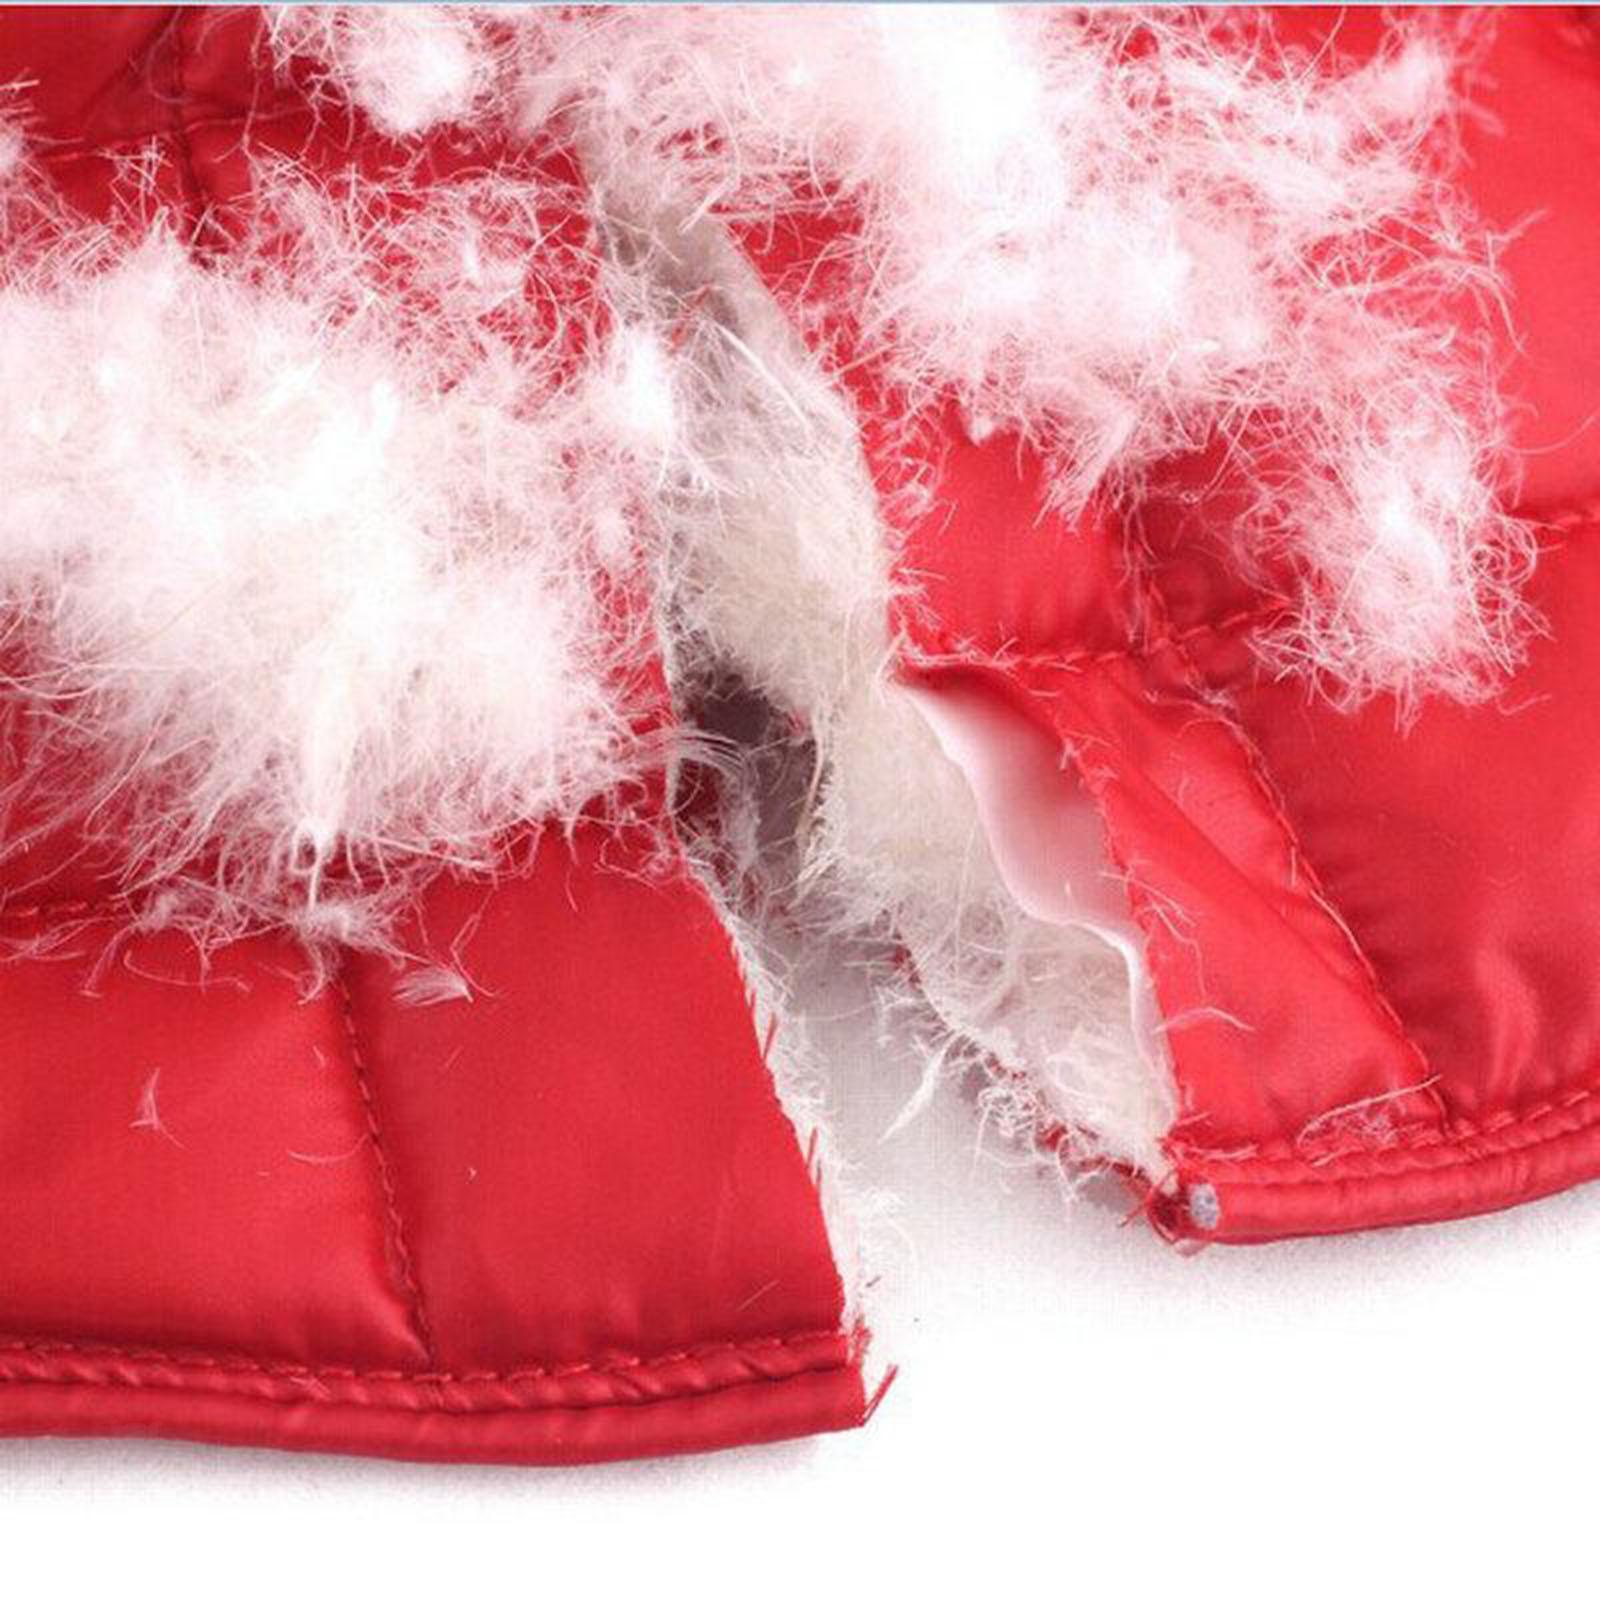 Femmes-Hommes-Down-Jacket-Chaud-Manteau-Court-Epaule-Chaud-Thermique-Wrap miniatura 34